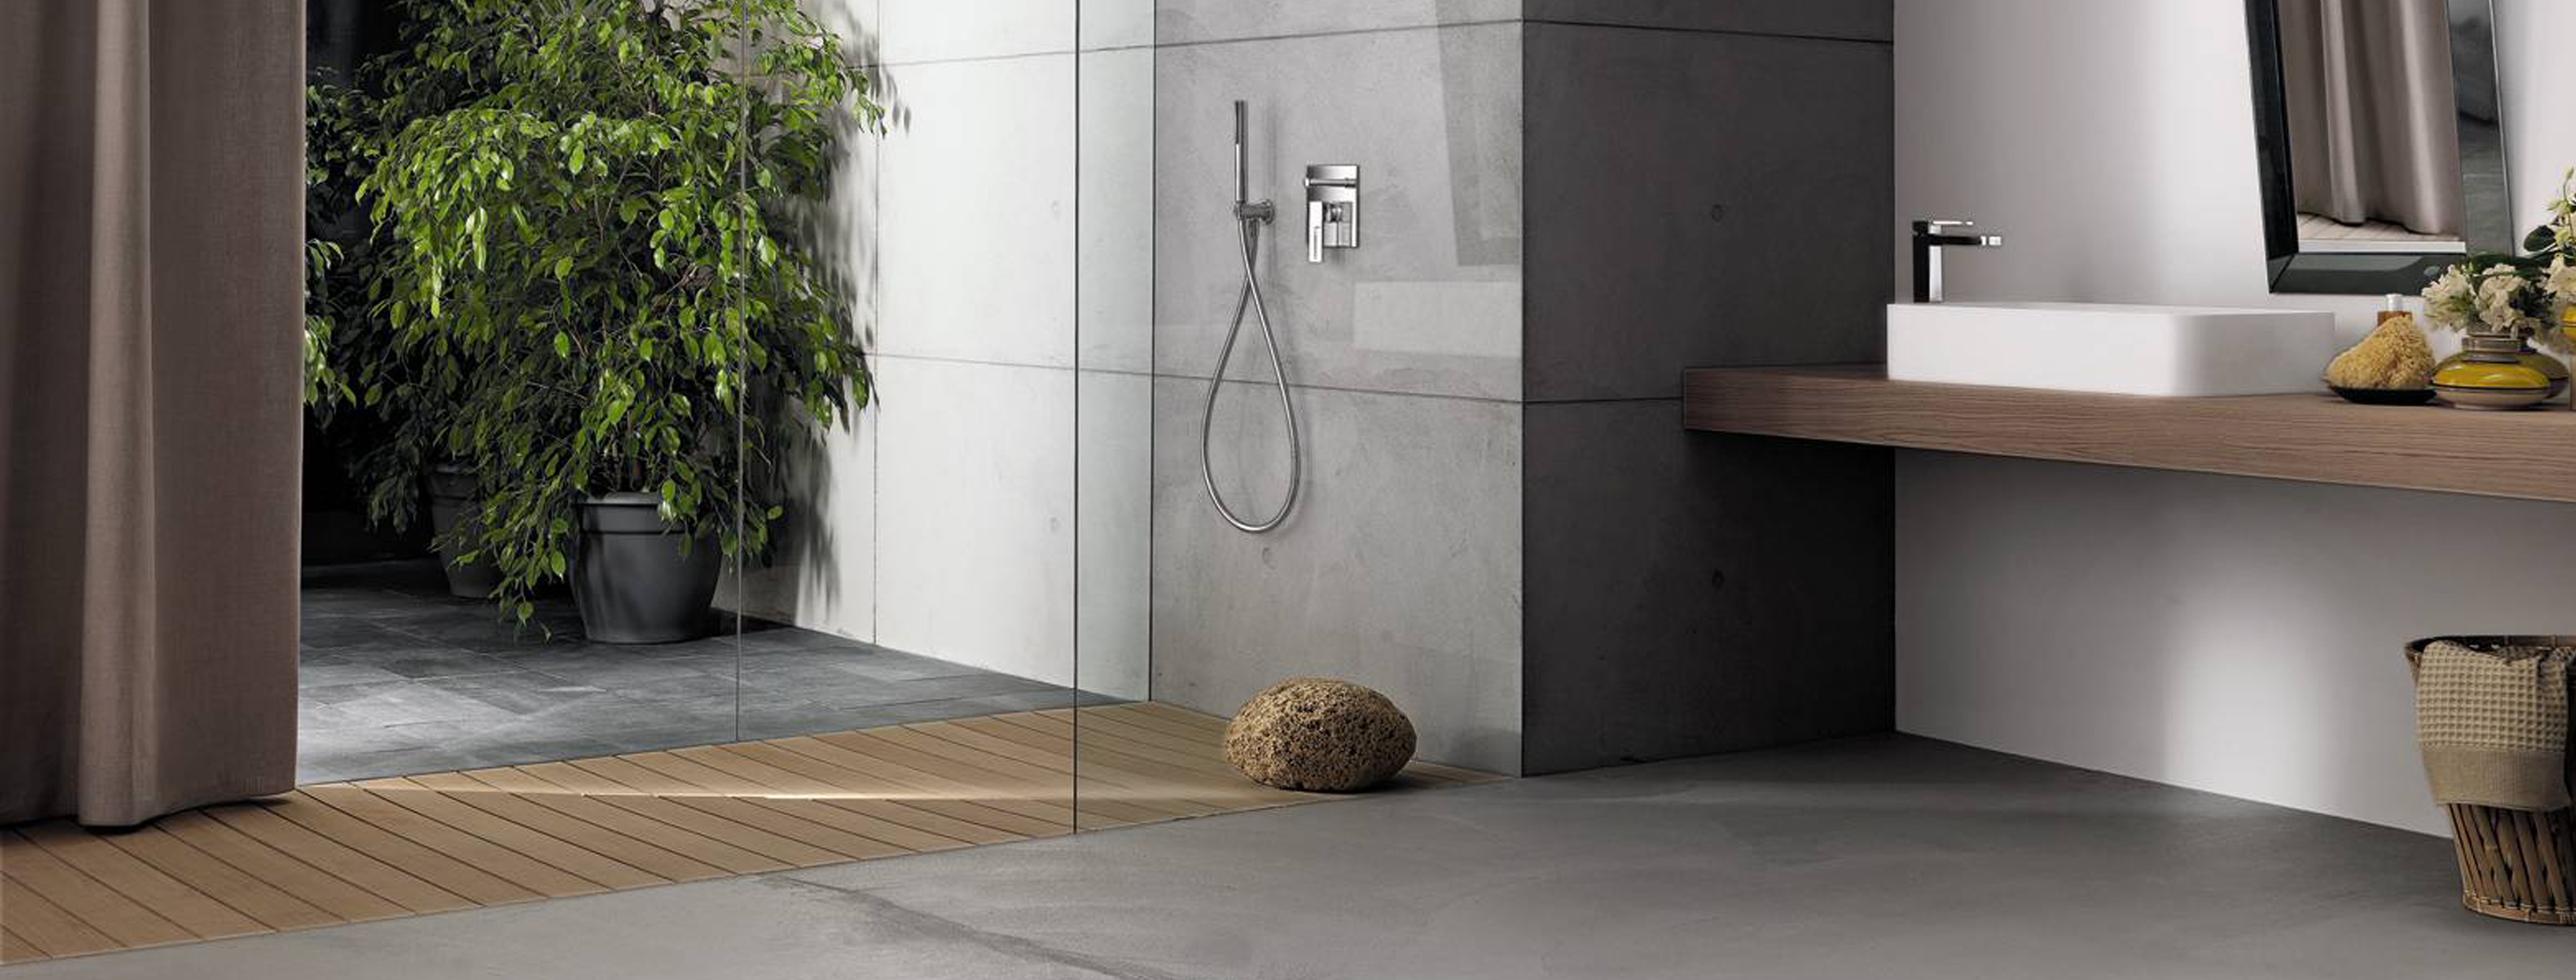 Tribeca-Bilbao-Diseño y reforma de baños